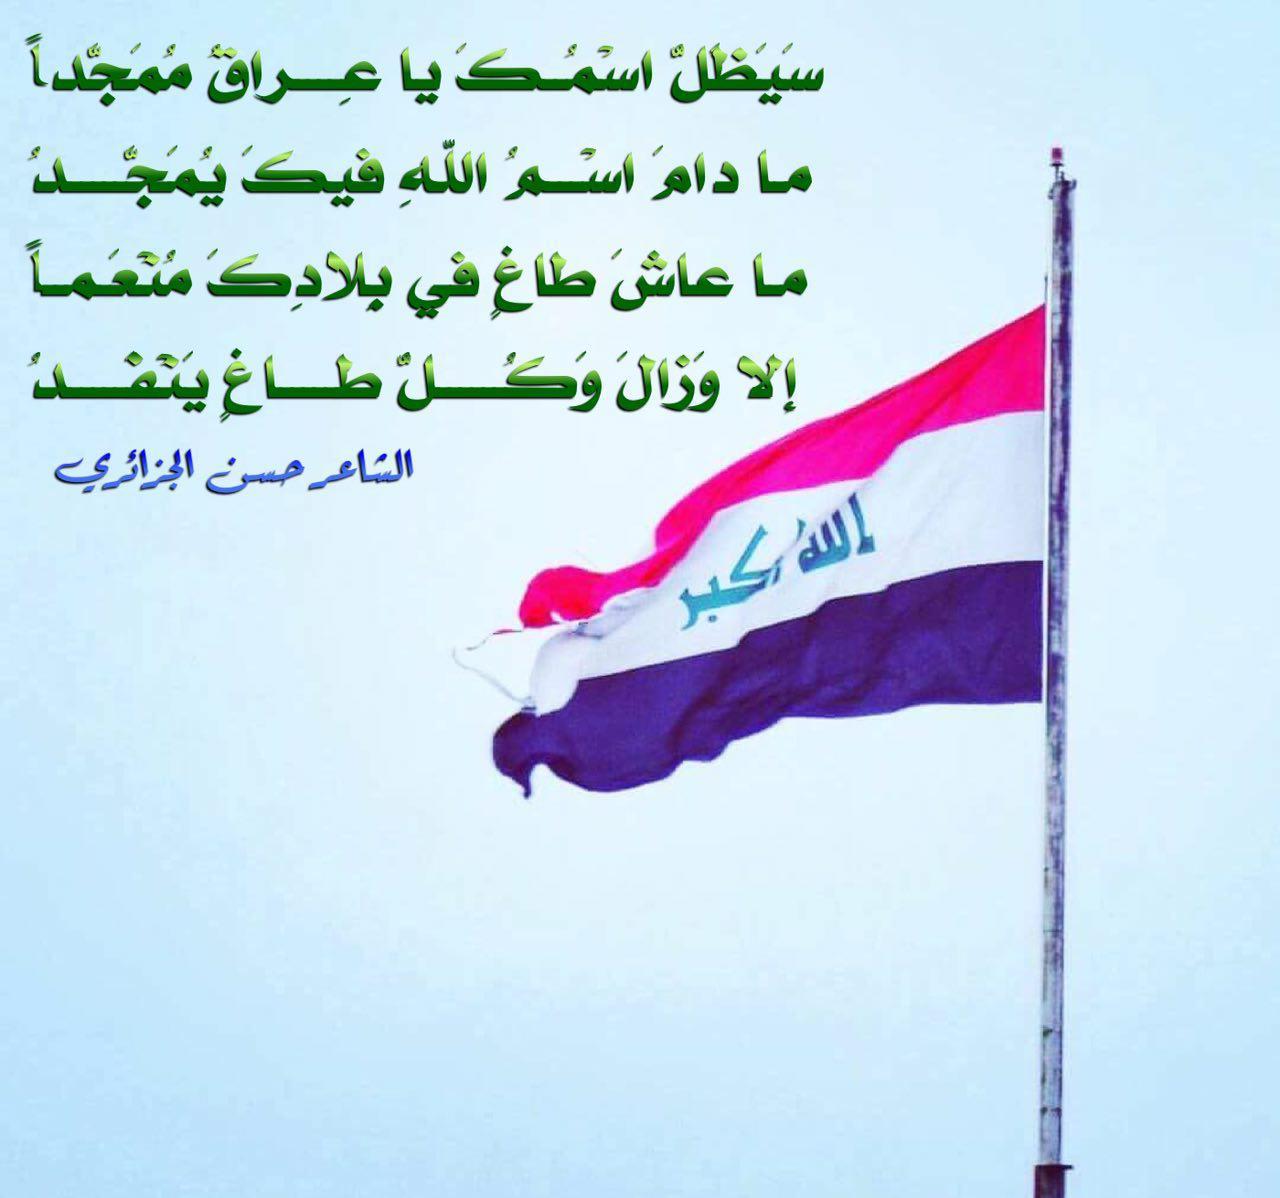 صور شعر عن العراق , اجمل الاشعار عن العراق